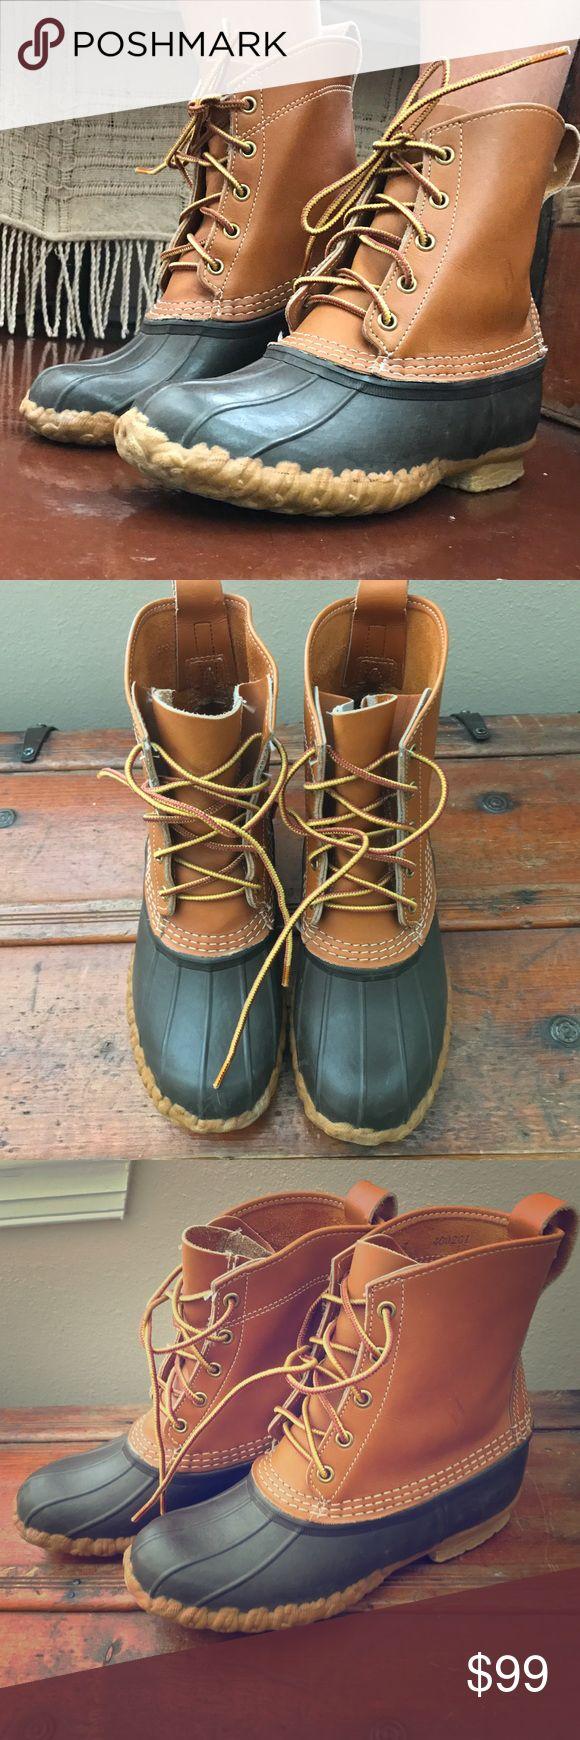 L l bean order form - Vtg Ll Bean Made Usa Classic Duck Boots Ladies 7 Vtg Ll Bean Made Usa Classic